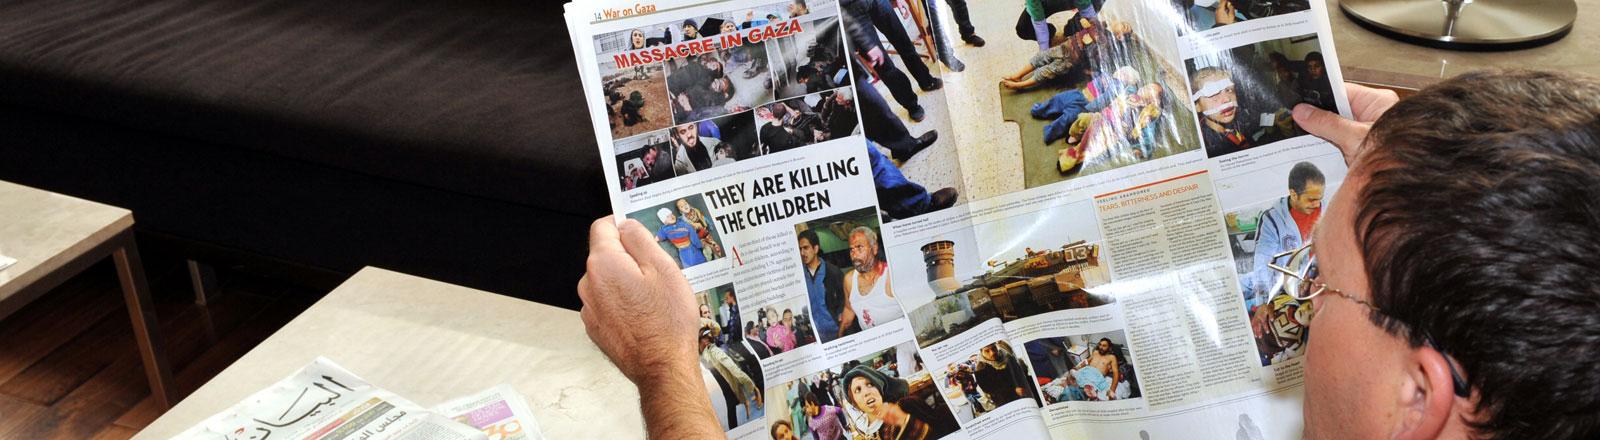 """Ein europäischer Tourist liest am Dienstag (06.01.2009) in Dubai in einer Hotellobby die englischsprachige Zeitung """"Gulf News"""". In dieser Zeitung werden auf einer Doppelseite Fotos verletzte palästinesische Kinder aus dem Gaza-Krieg gezeigt."""